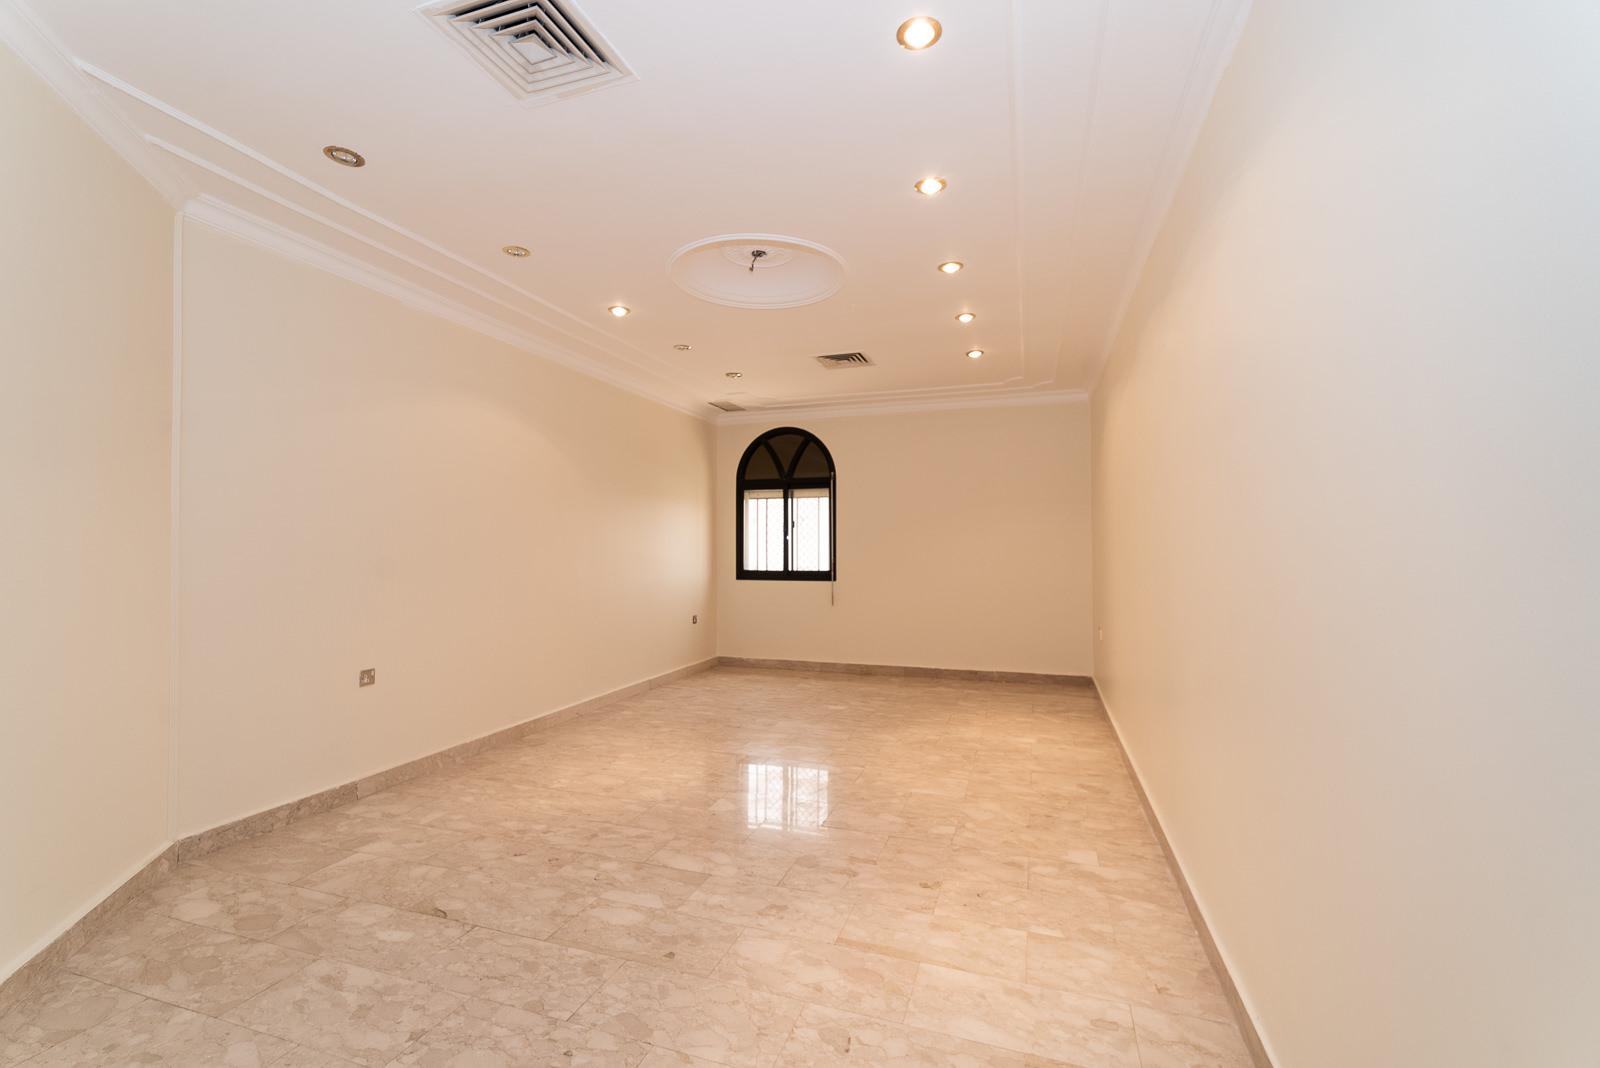 Salwa – older, spacious, three bedroom floors